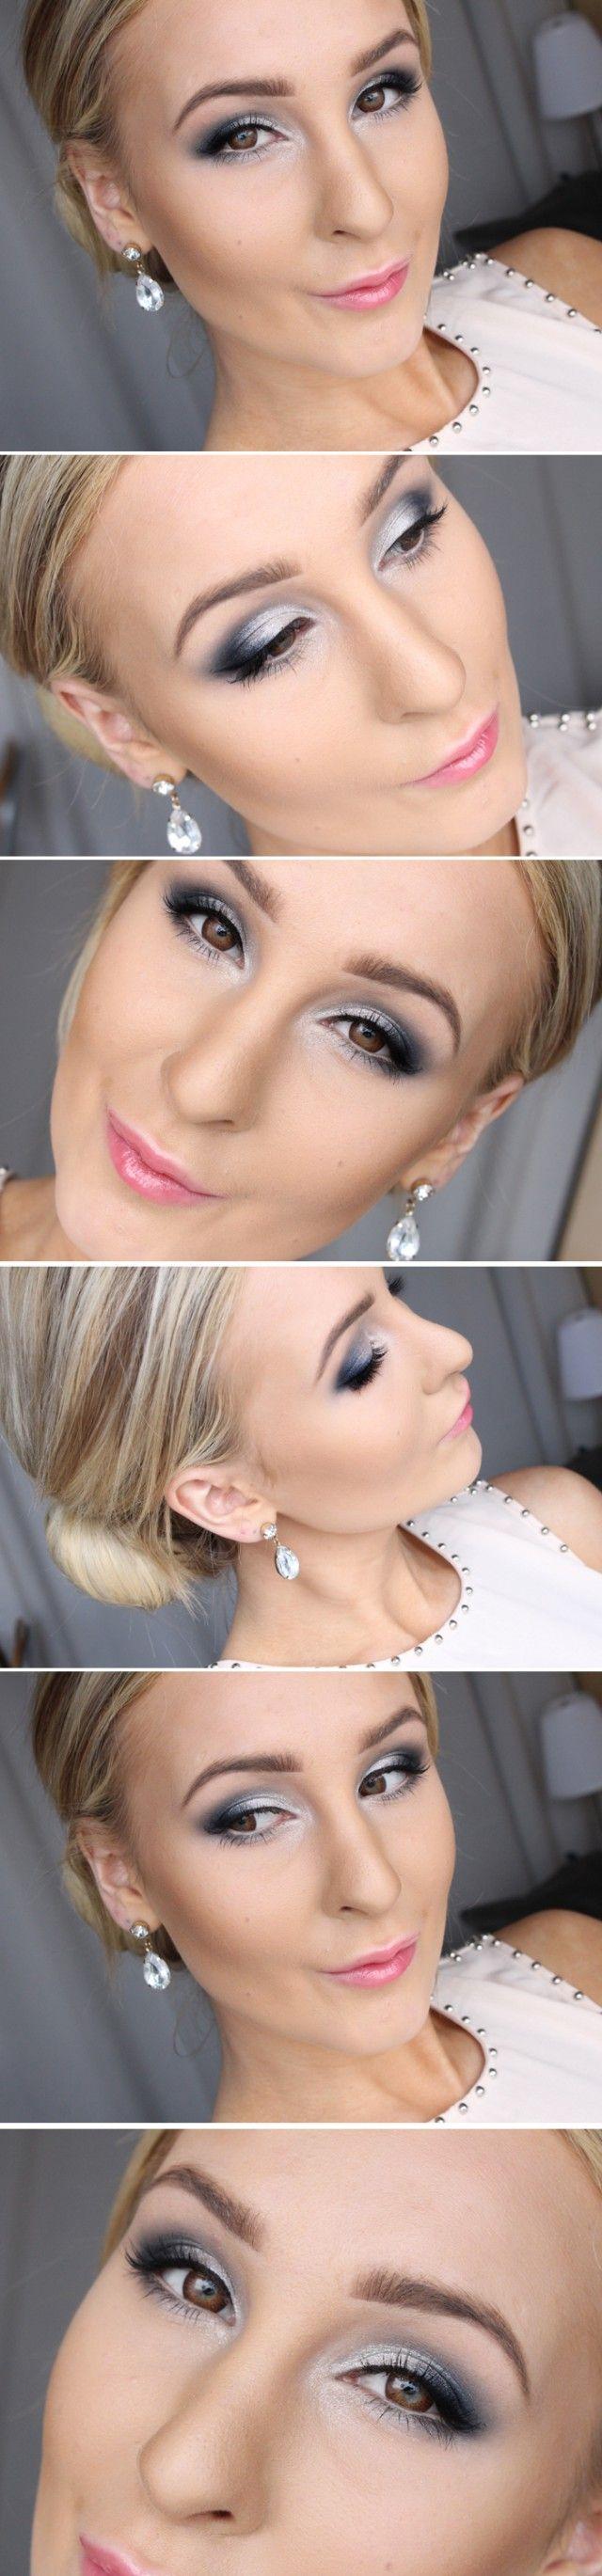 blå-alla-hjärtans-dag-sminkning-makeup-inspiration-hiilen-sminkblogg-skönhetsblogg